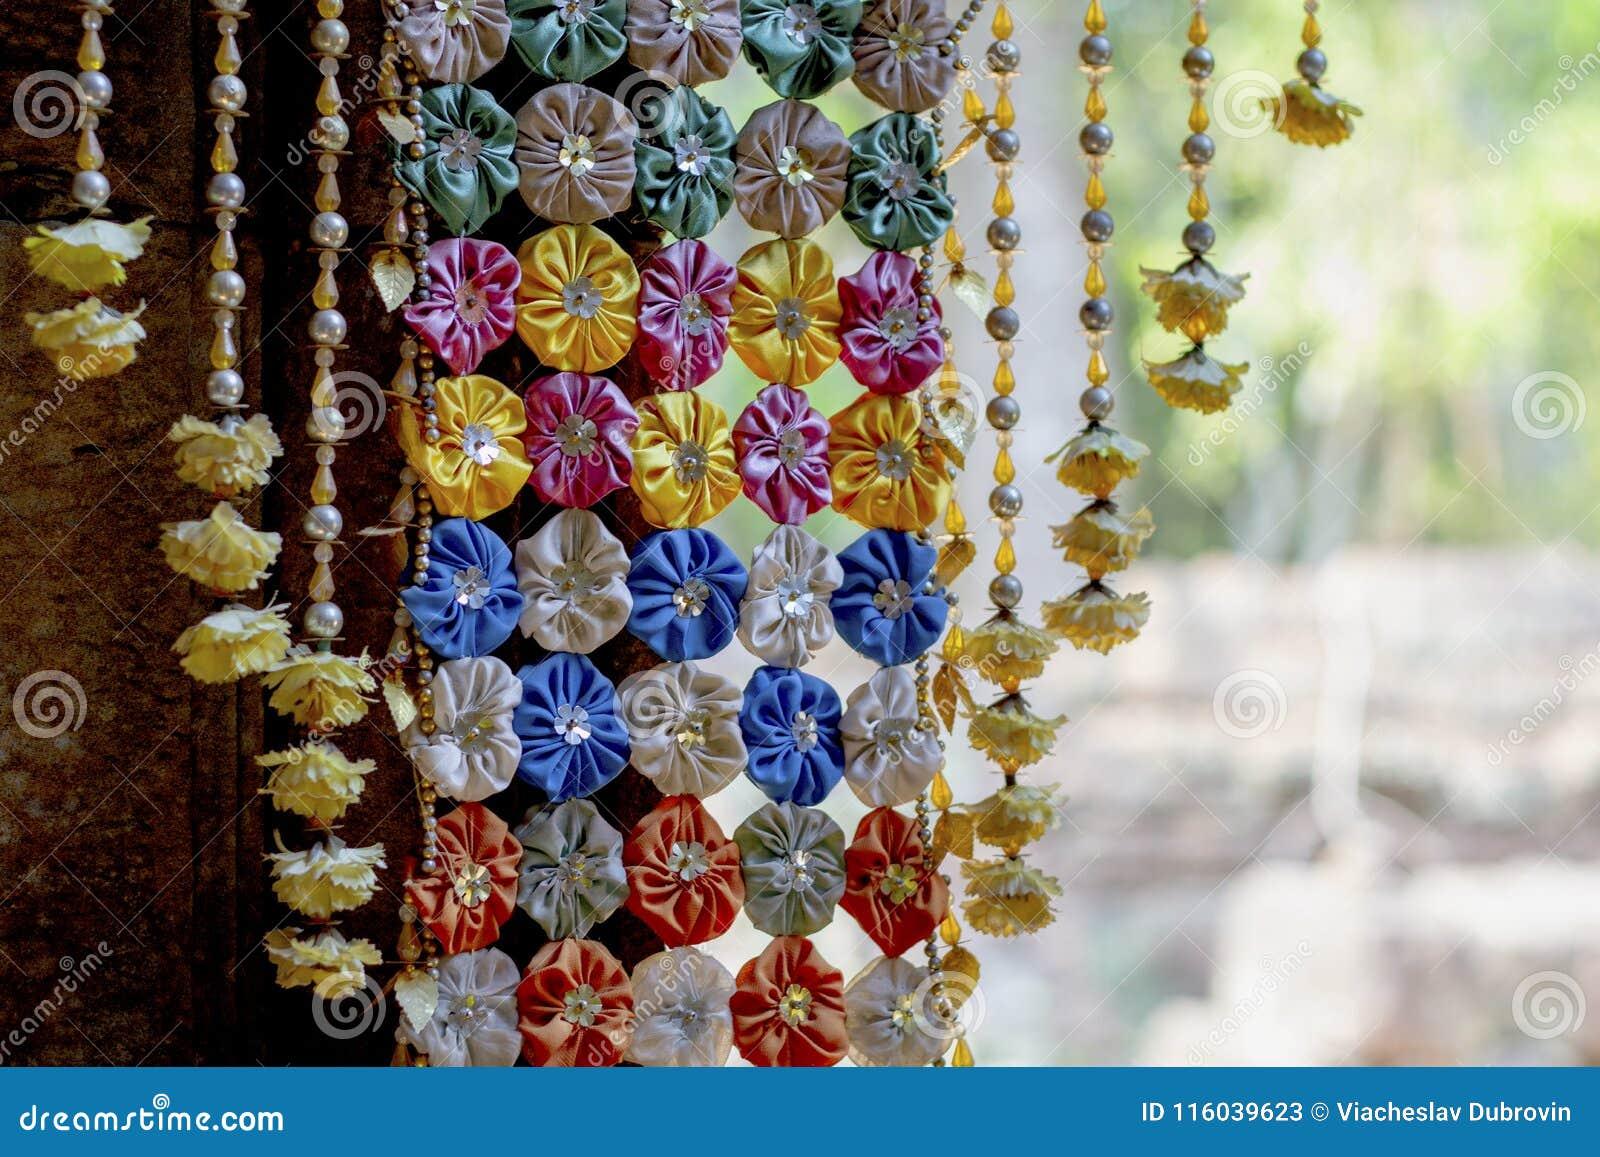 Флористическое украшение в буддийском виске Оформление камбоджийского виска внутреннее флористическое Украшение фестиваля буддизм